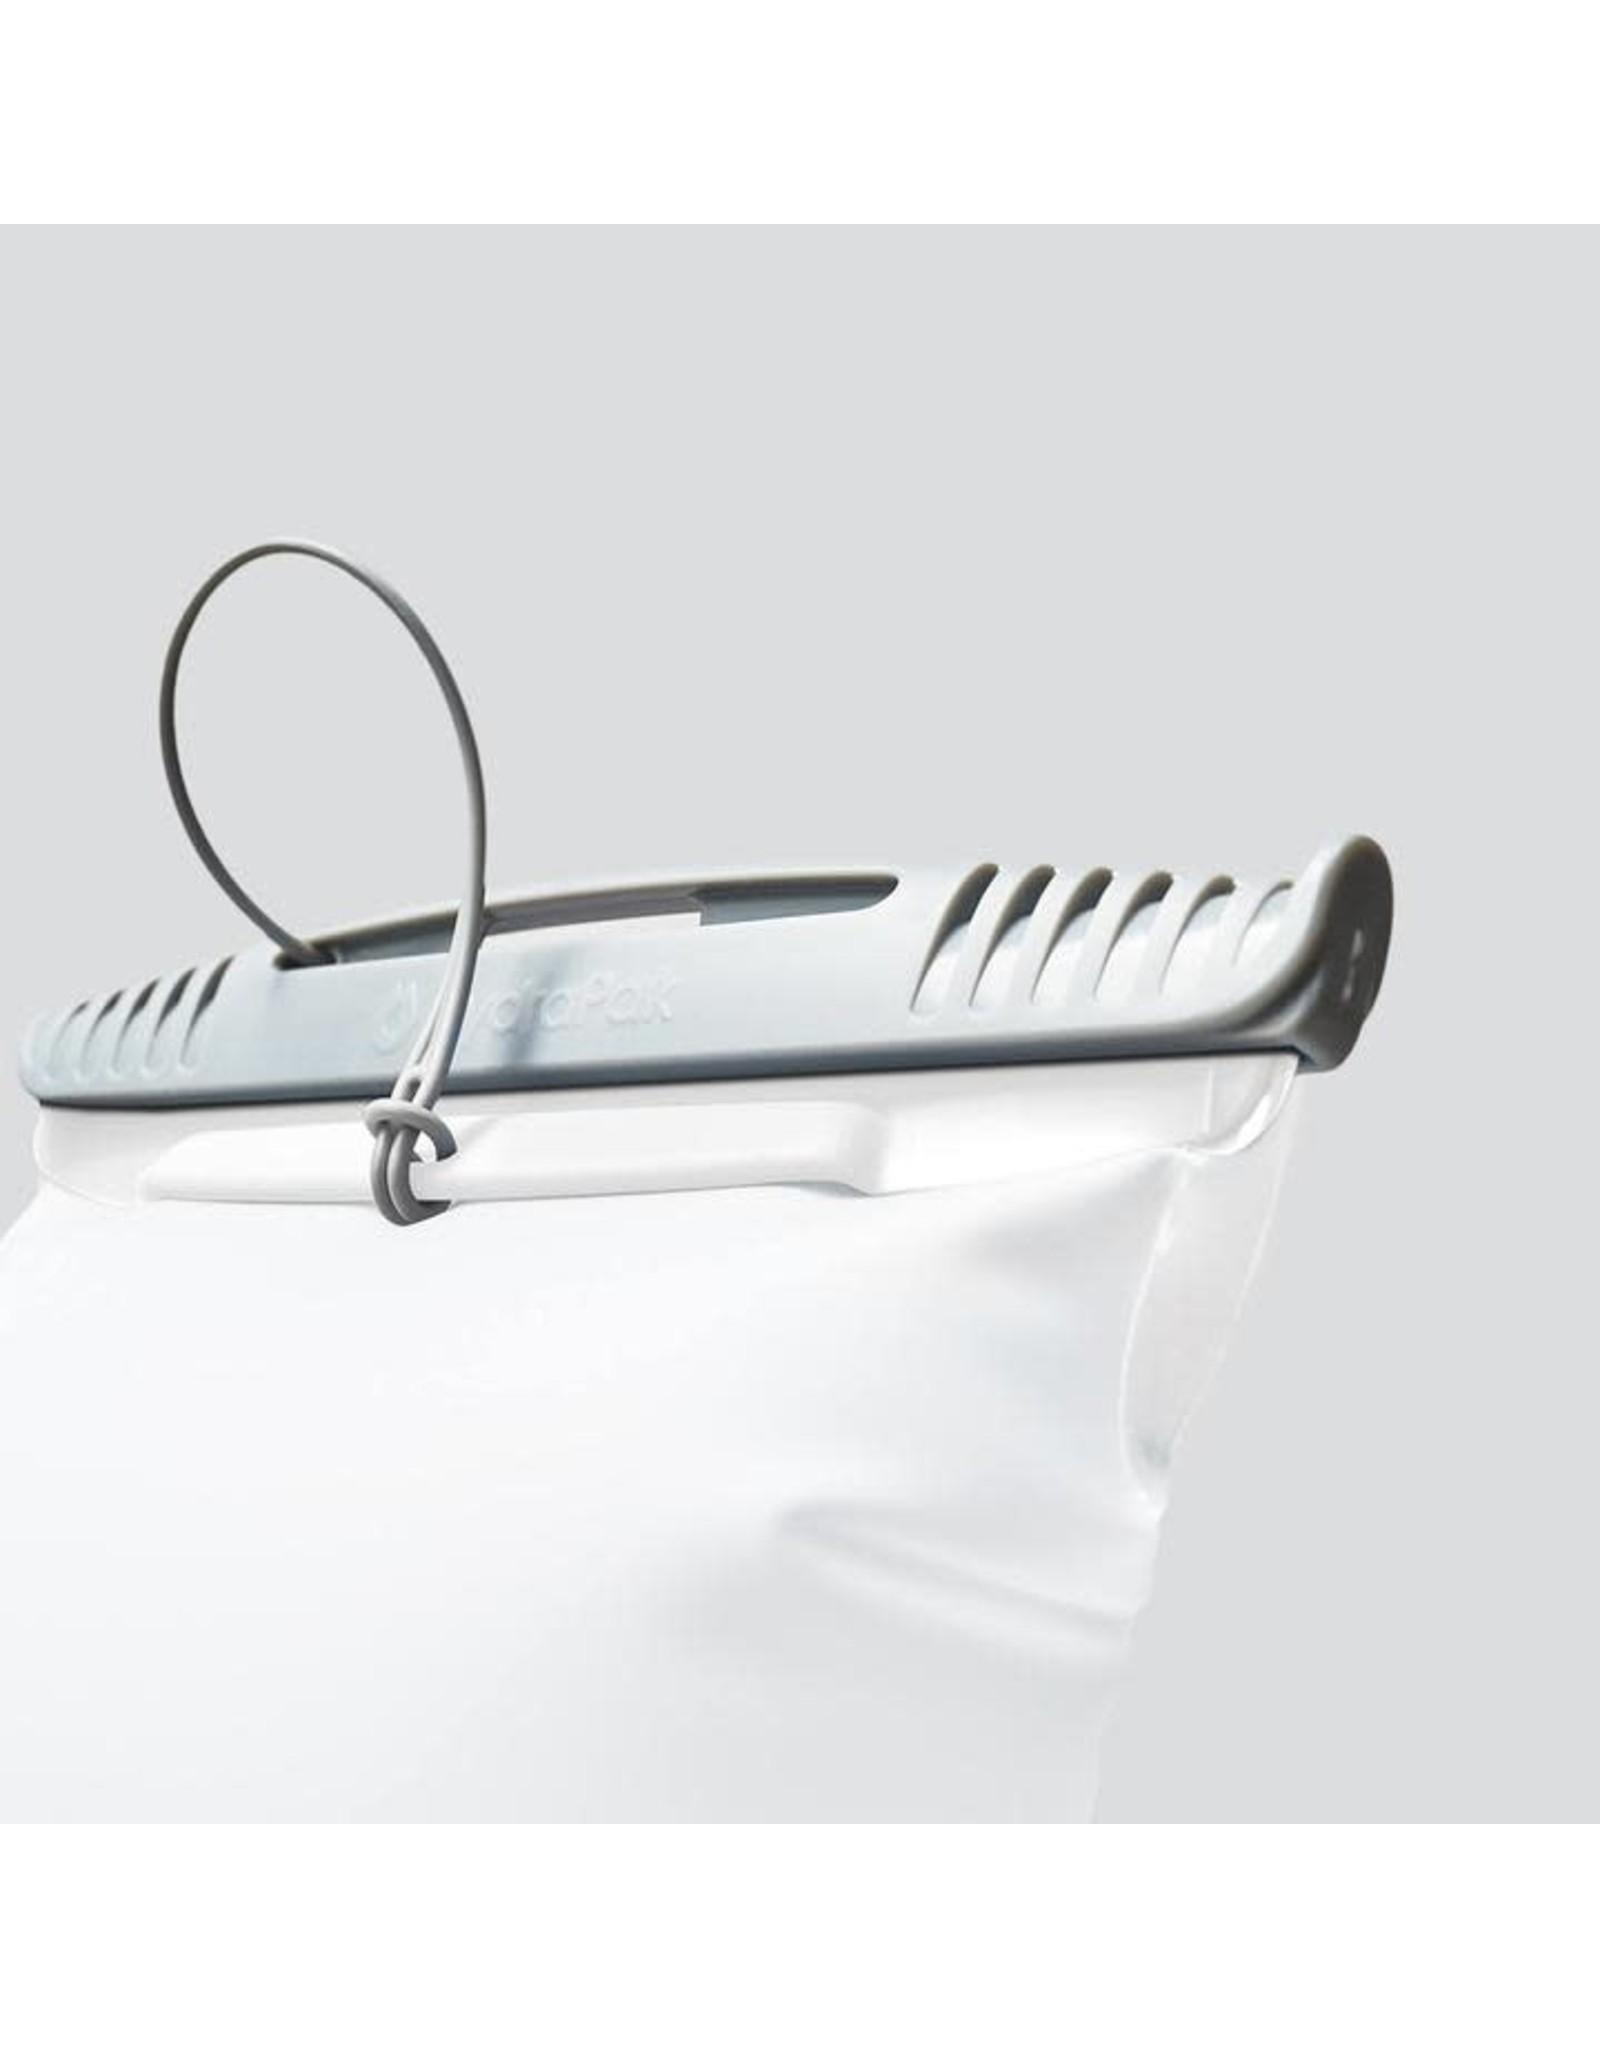 HydraPak HydraPak Shape-shift hydration bag clear 2L-70oz